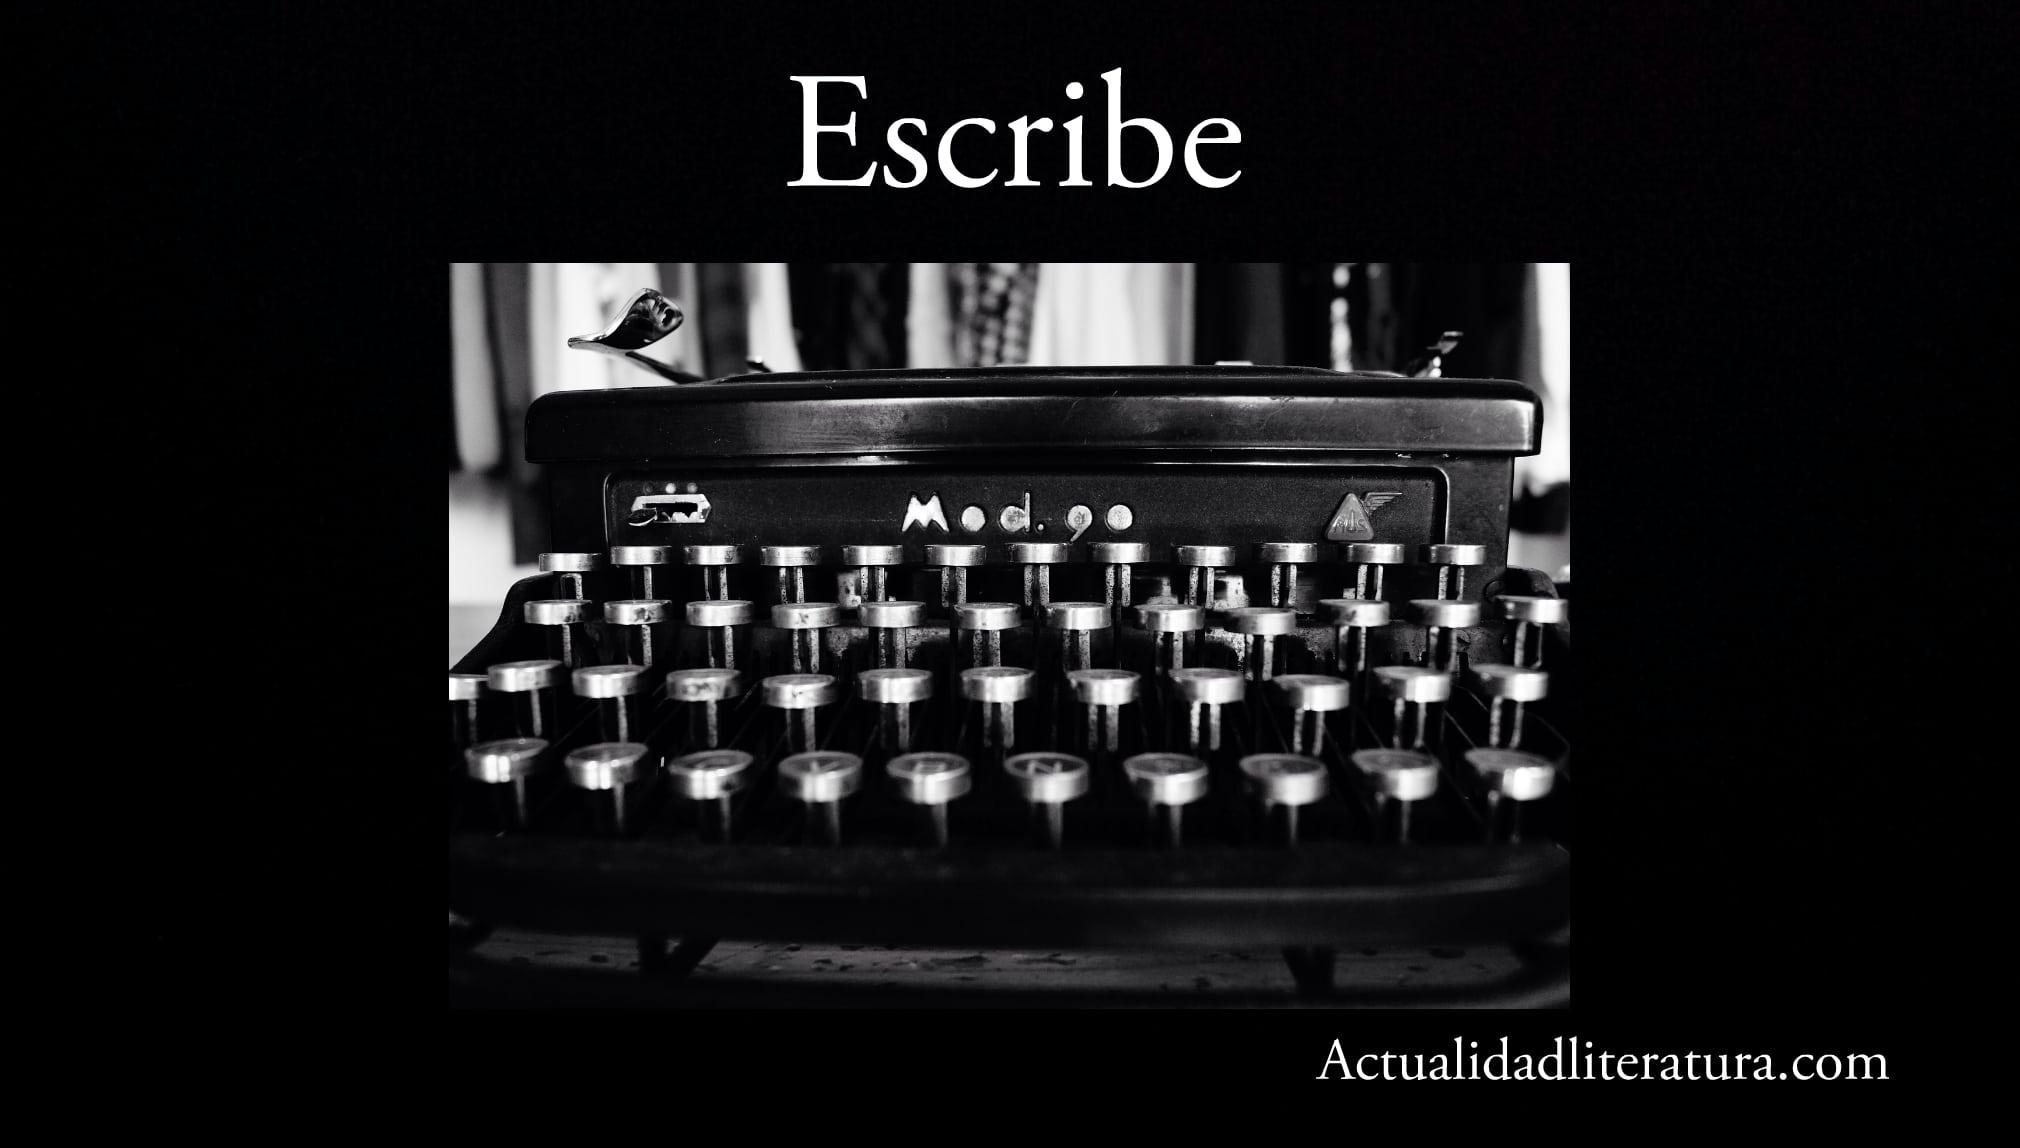 Escribe.